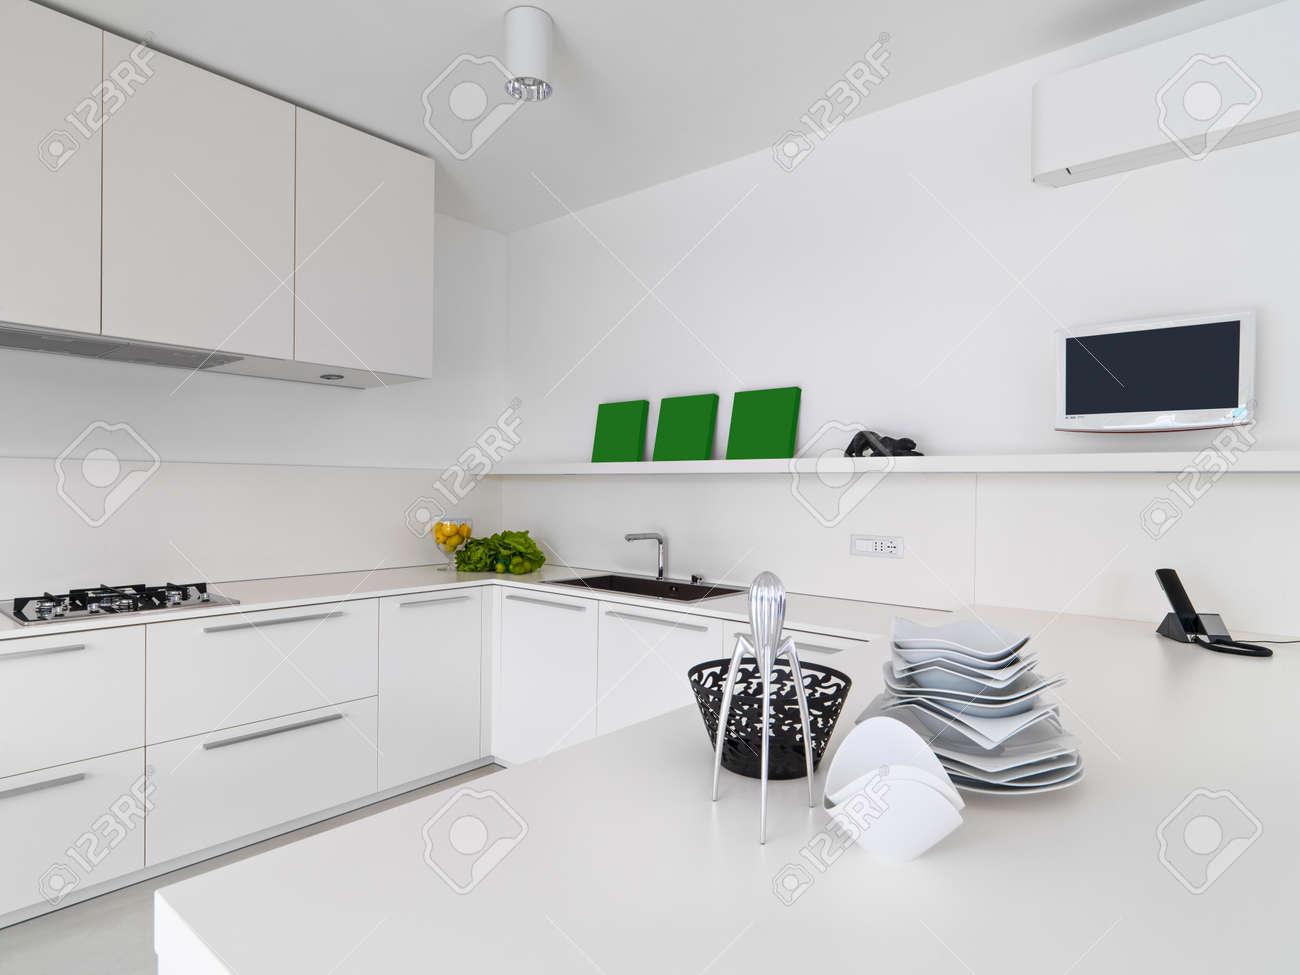 Inter Blick Auf Eine Weiße, Moderne Küche Mit Gemüse Und Gerichten Auf Der  Wotktop Standard